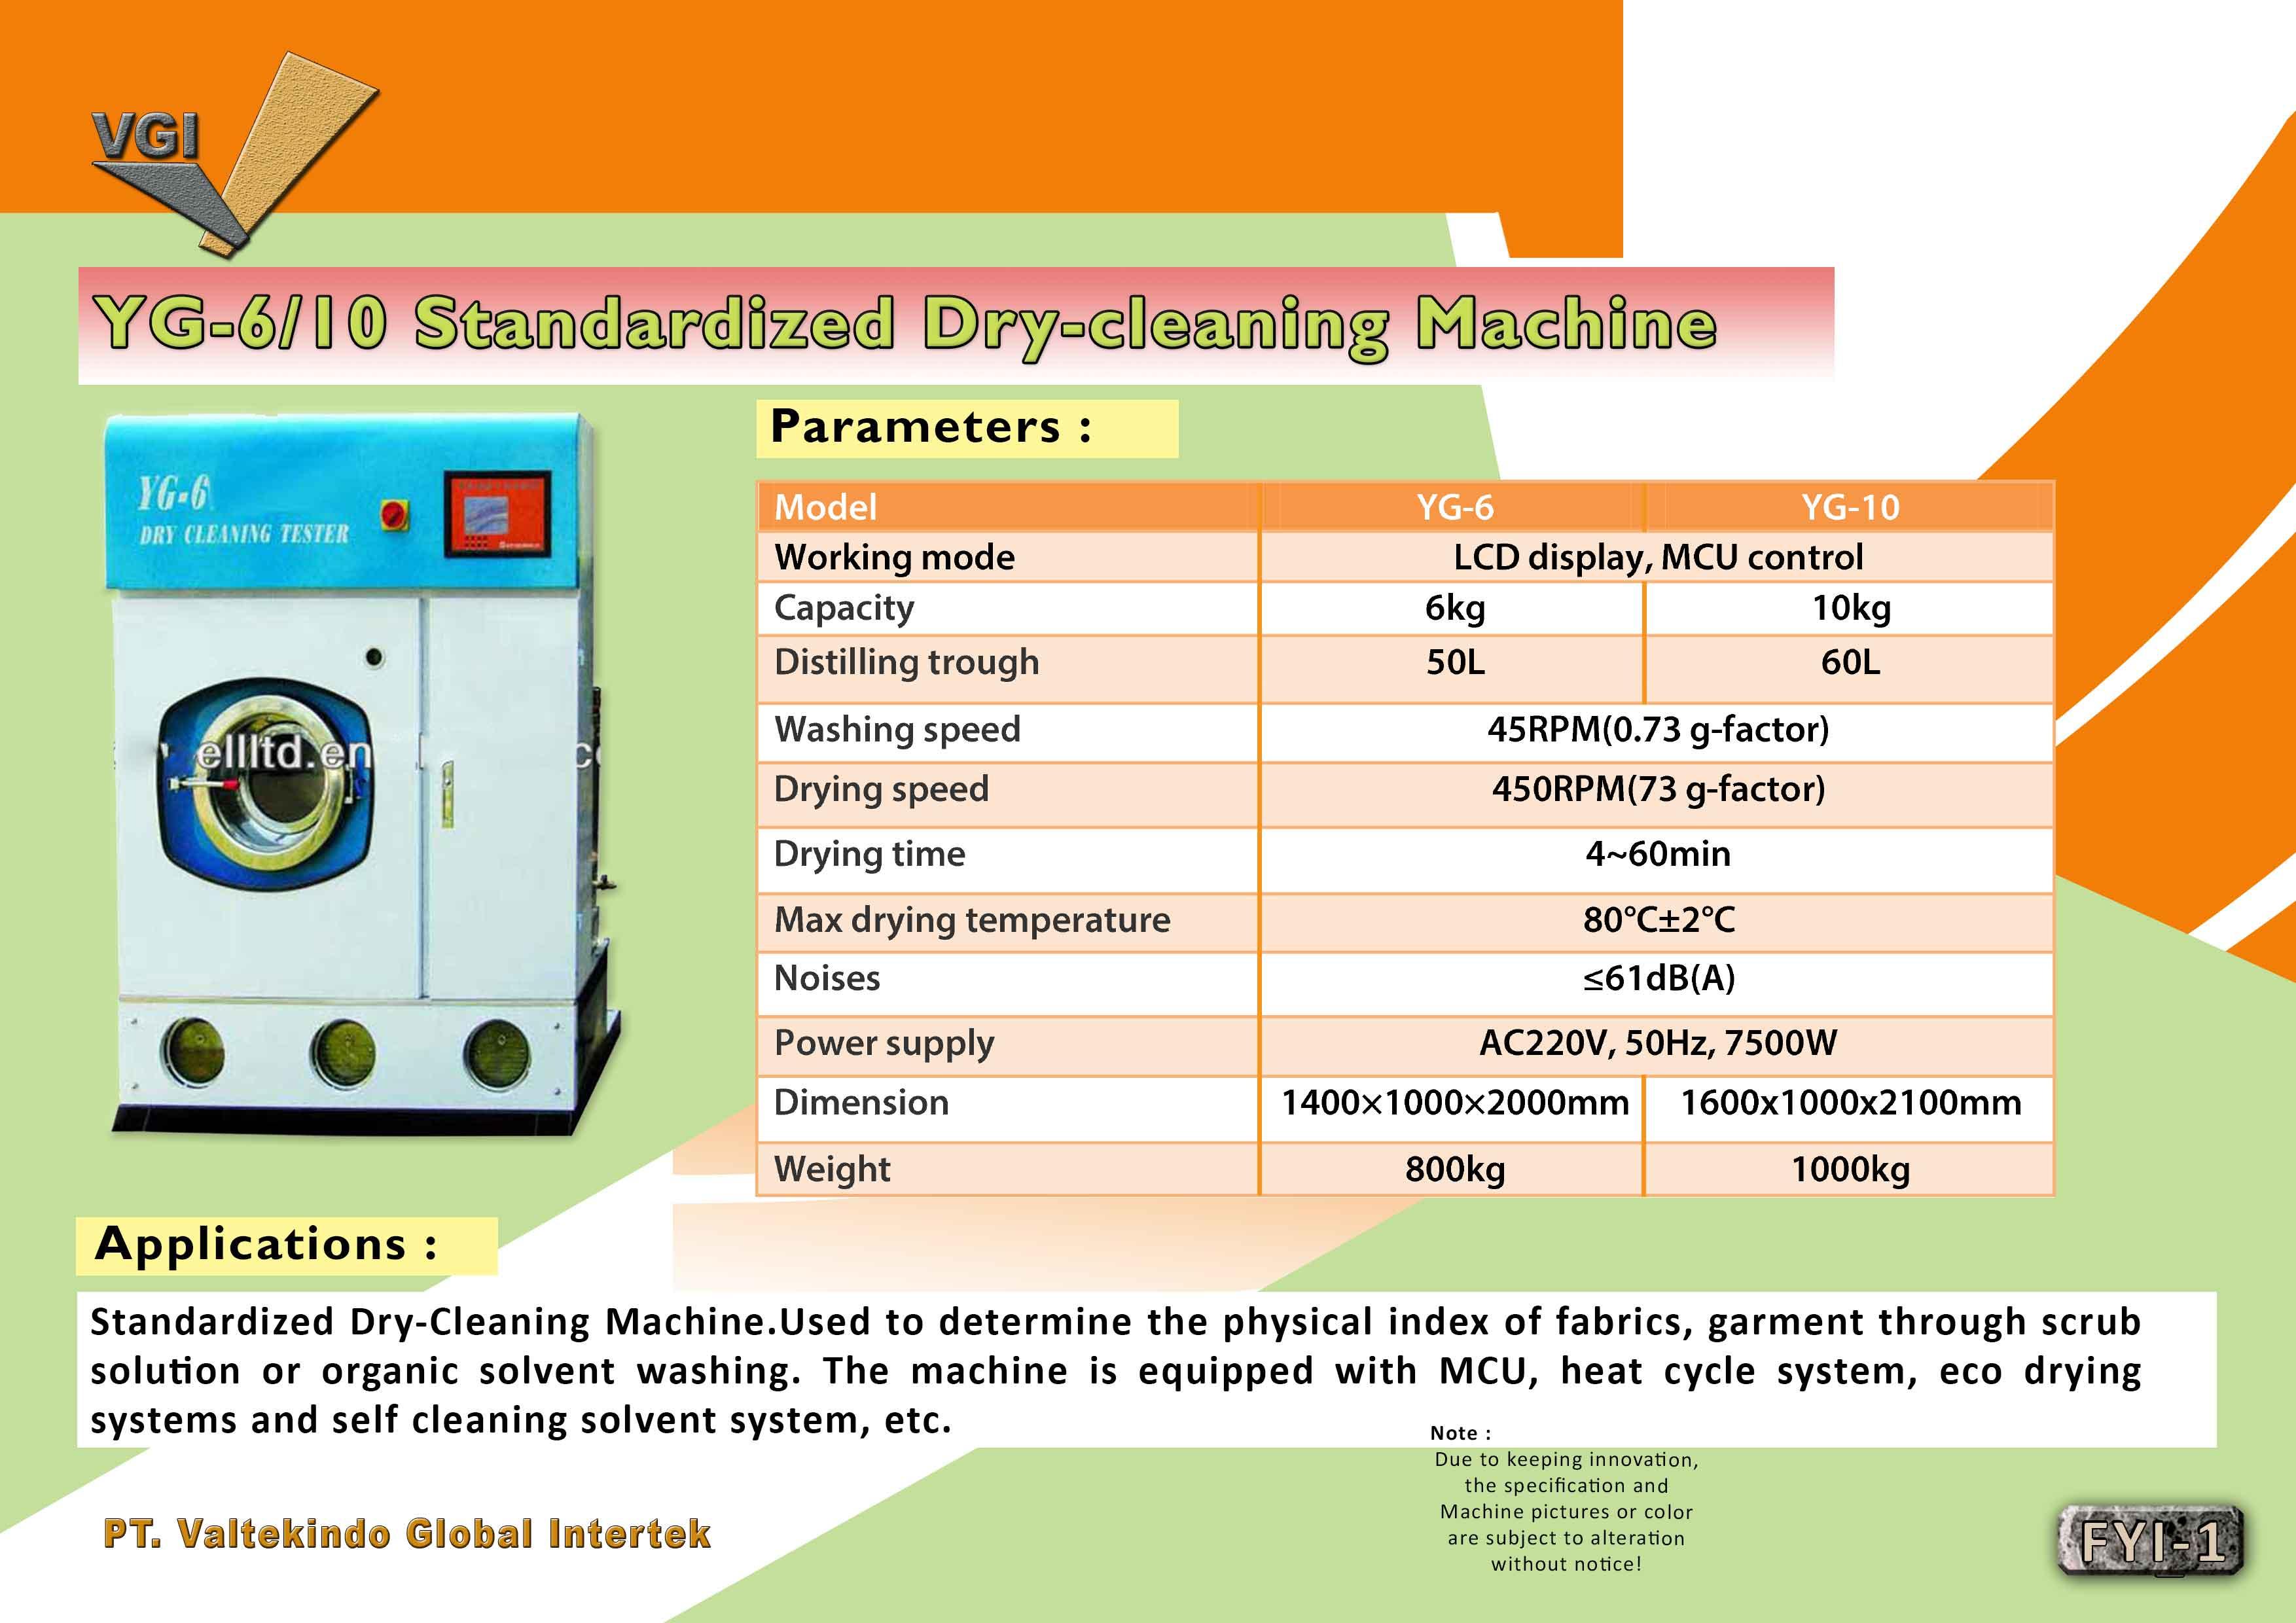 jual mesin, harga mesin, distributor mesin, jual mesin karet, daur ulang plastik Standardized Dry Cleaning Machine  Standardized Dry Cleaning Machine